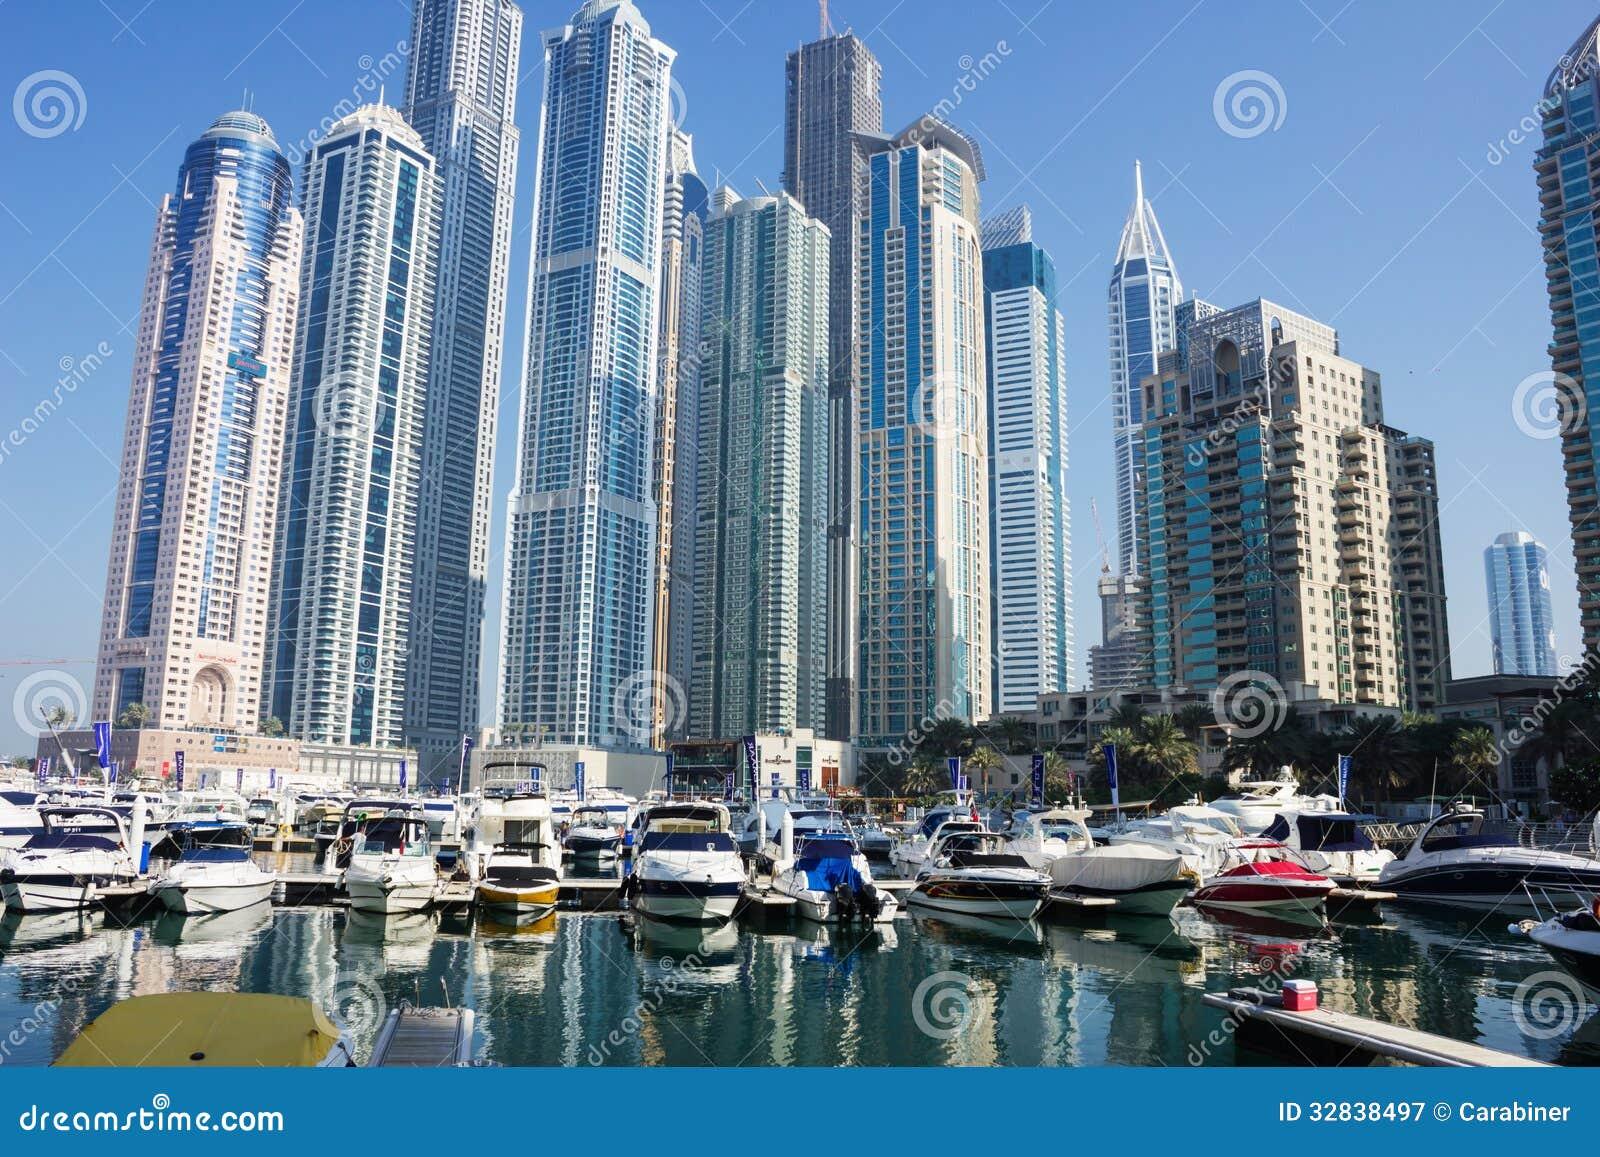 Edificios Modernos En El Puerto Deportivo De Dubai